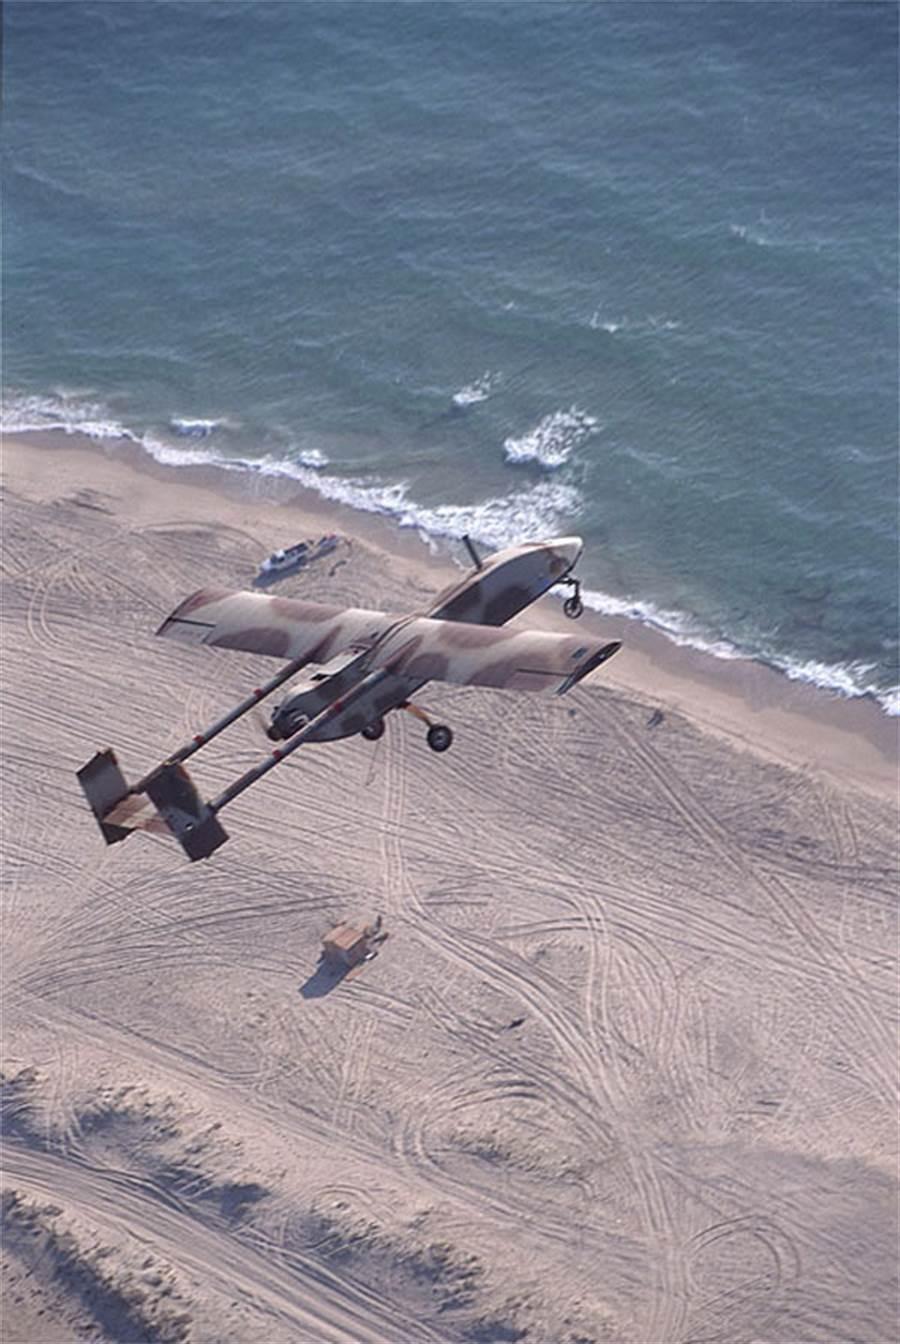 以色列早在1980年代,就把無人機投入作戰,在貝卡谷地空戰期間,就已利用無人機探知敘利亞防空部隊的虛實。(圖/israeli-weapon)